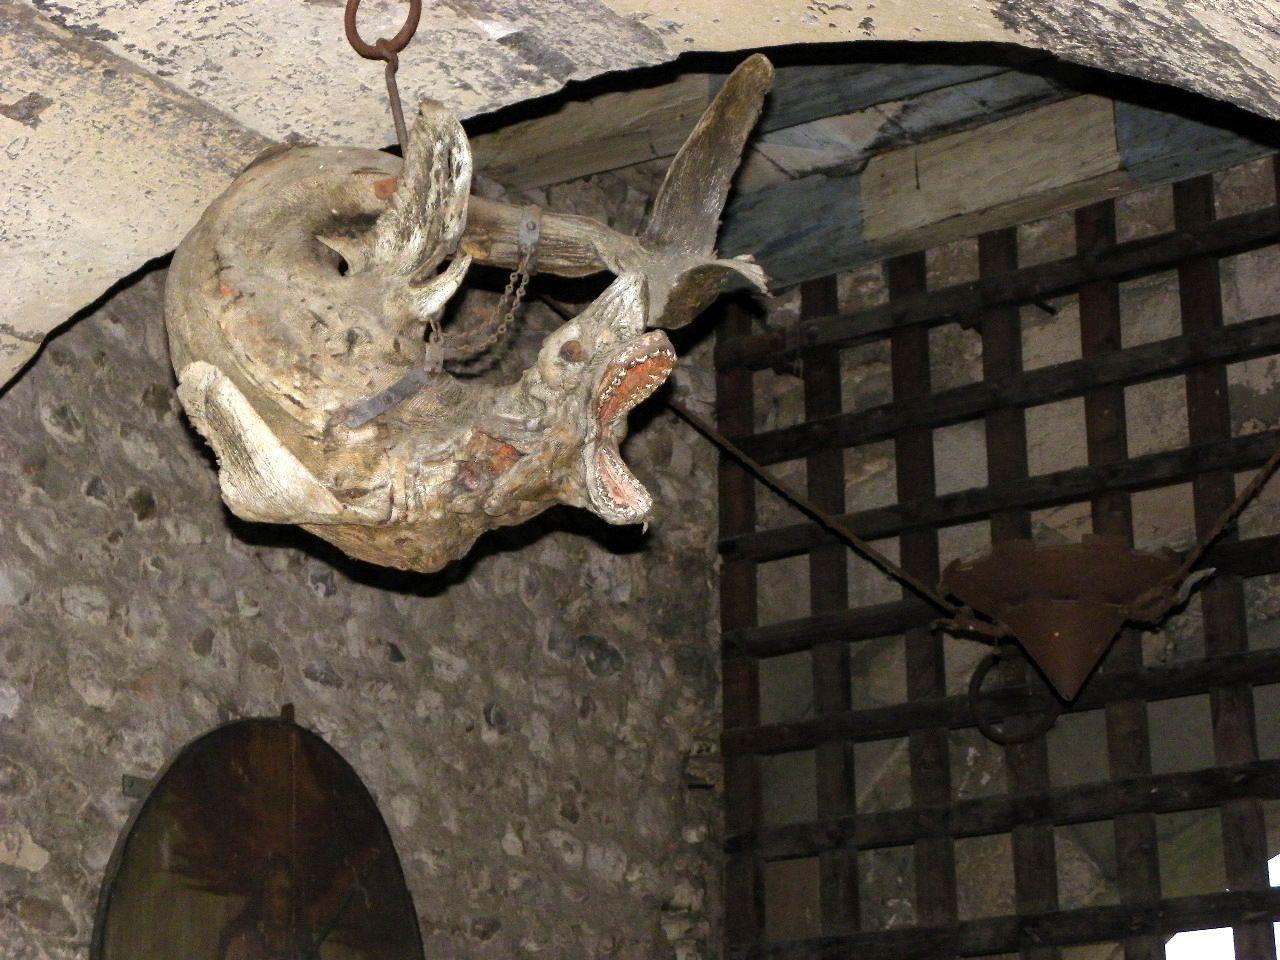 Mumifizierter Haifisch am Stadttor